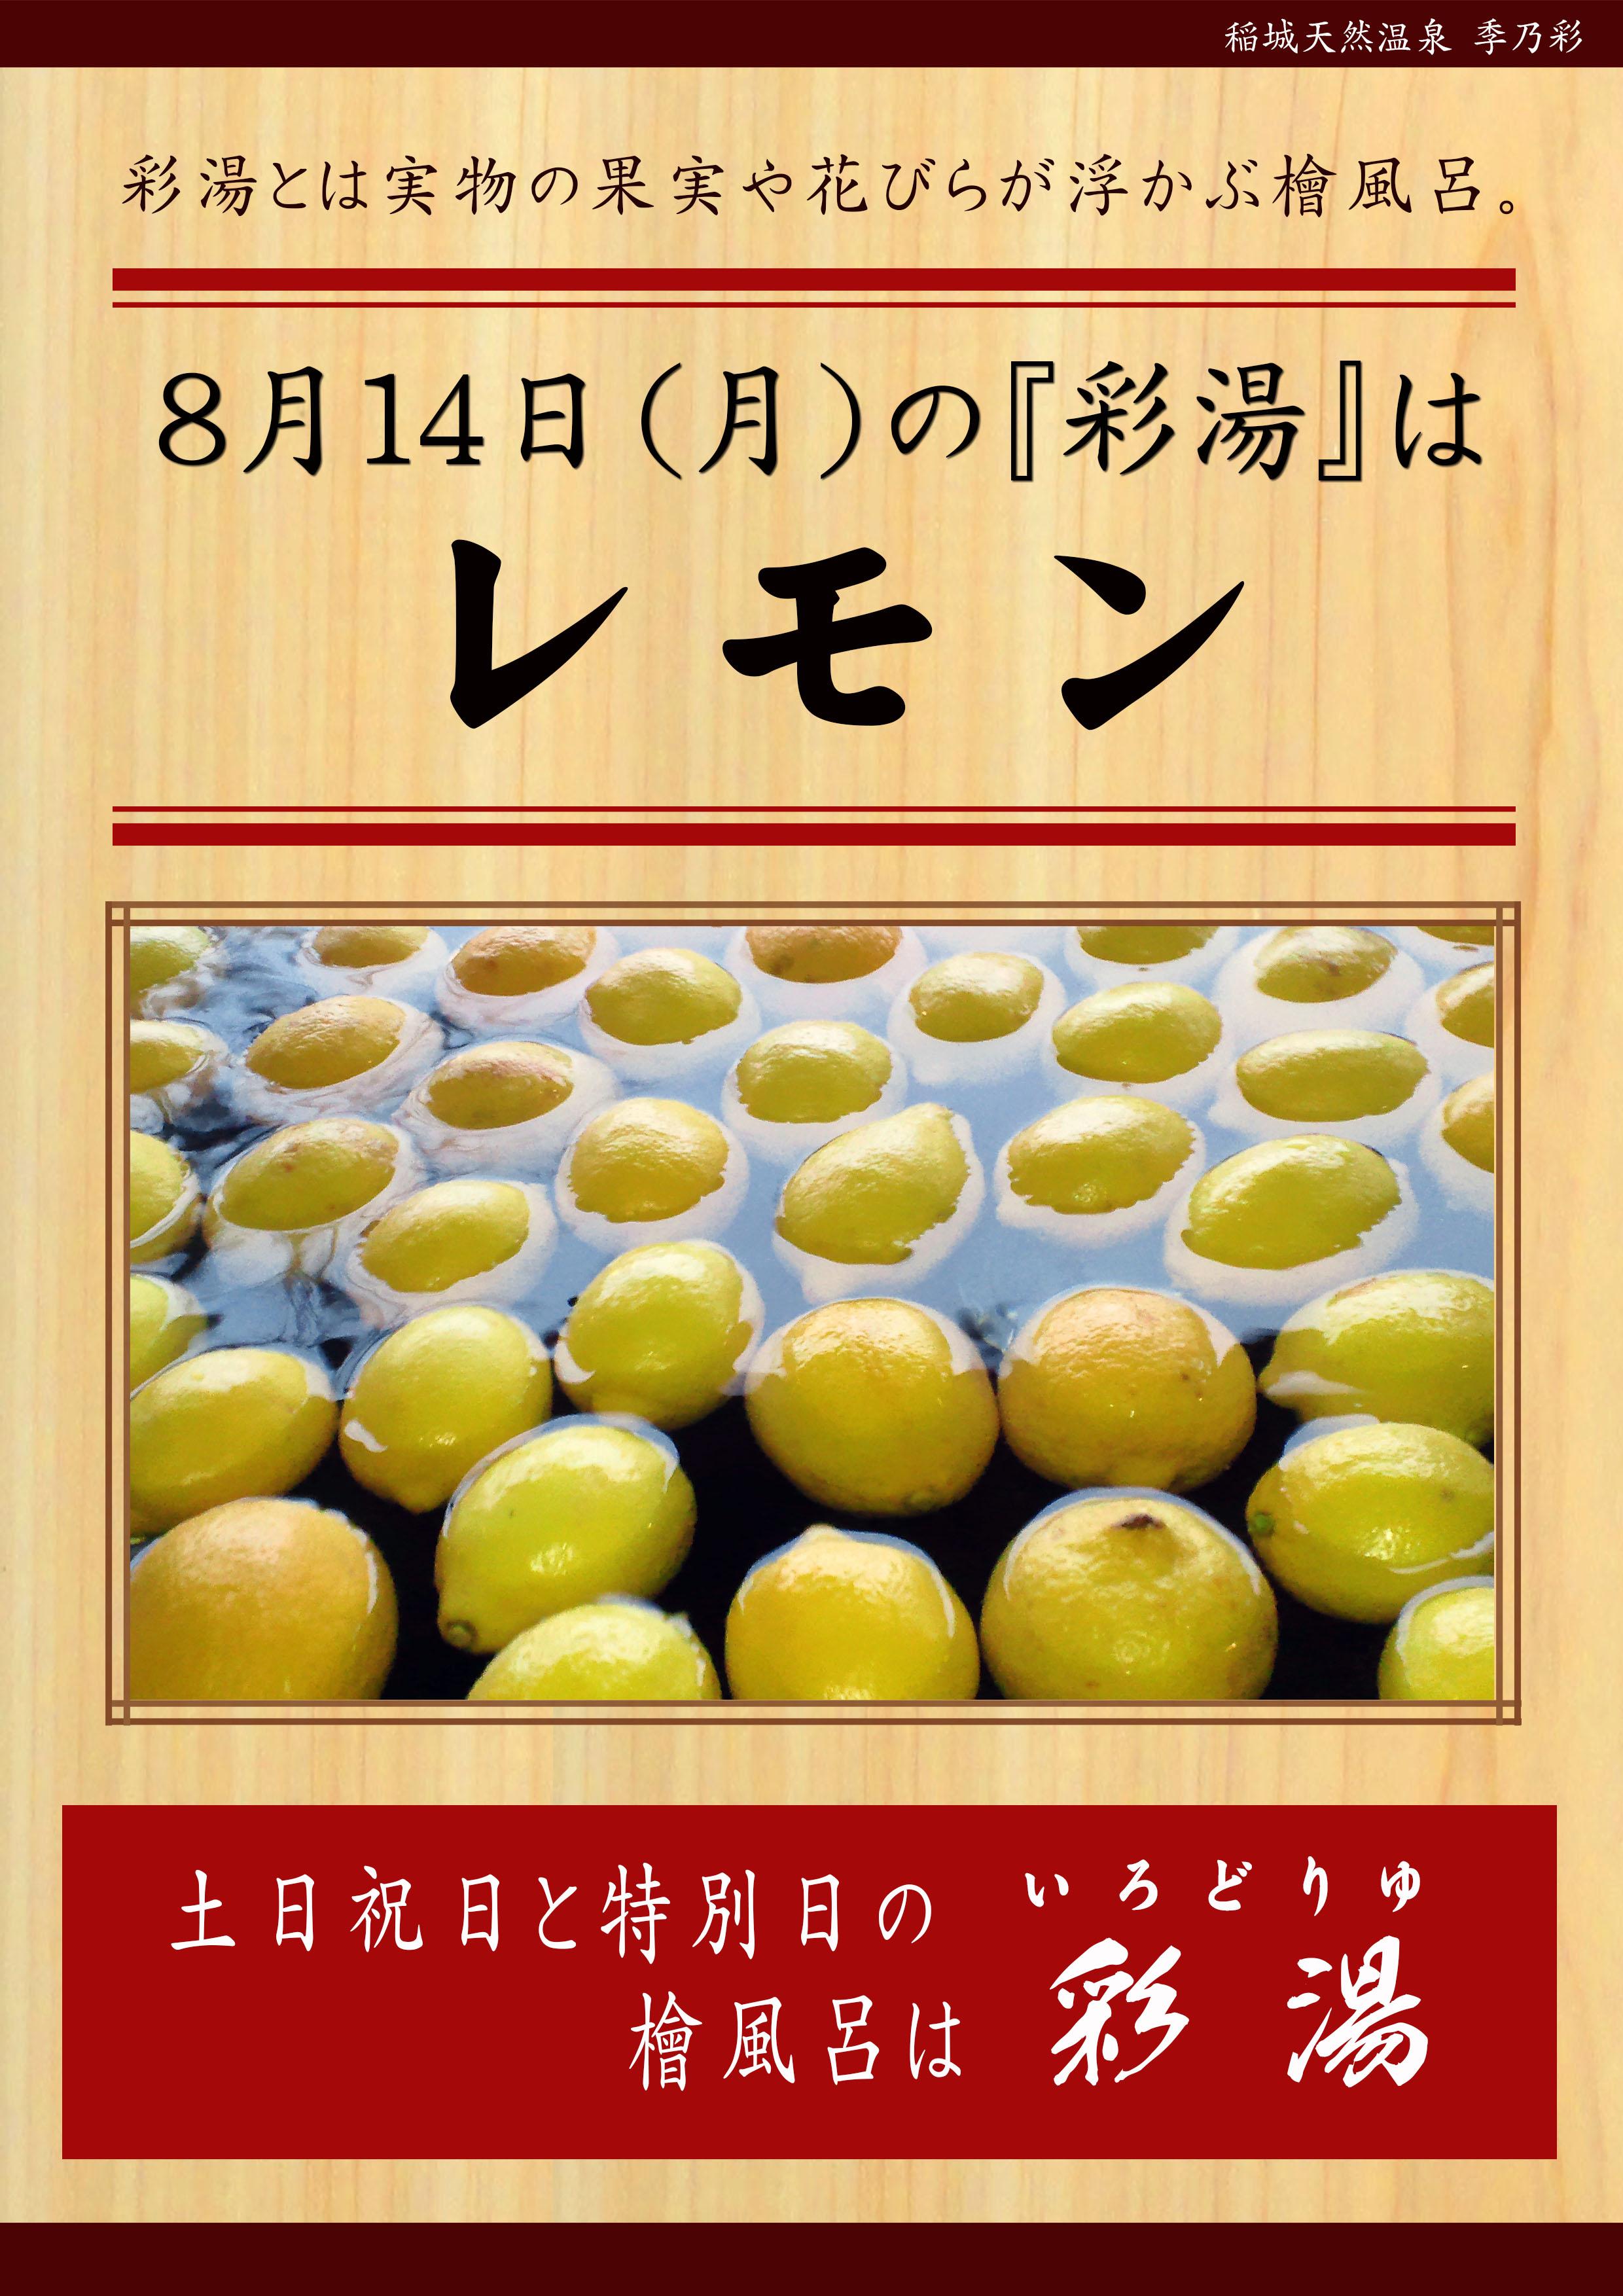 20170814POP イベント 彩湯 レモン